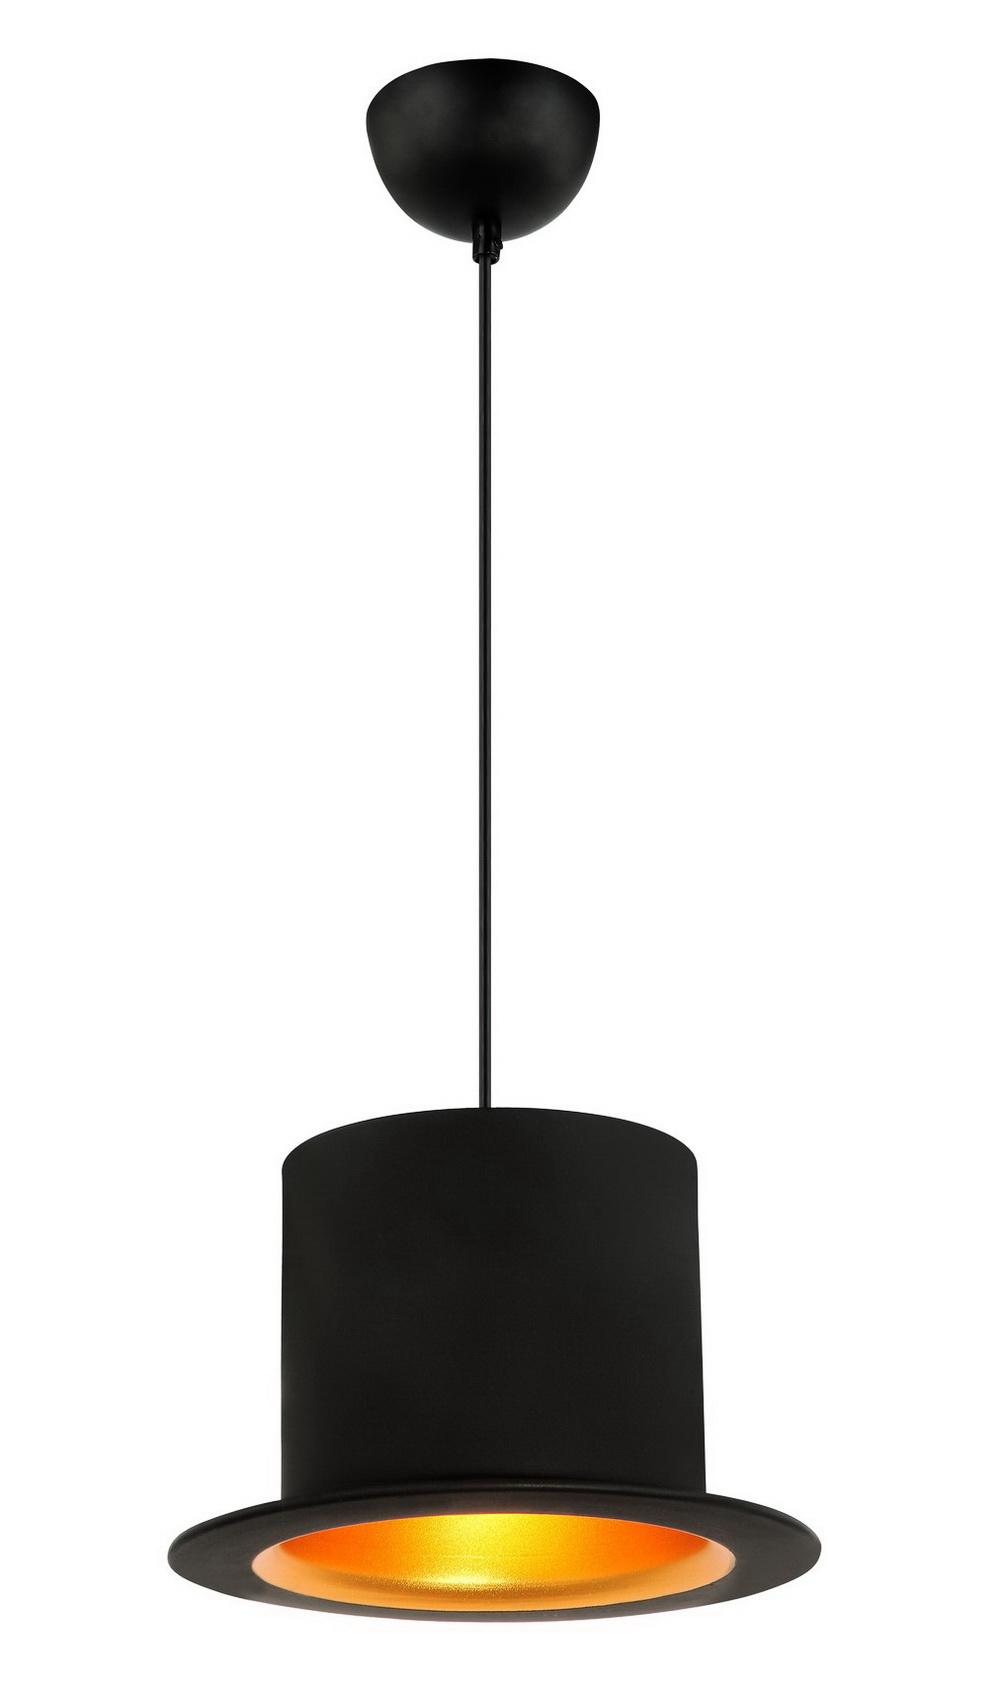 Купить Подвес Arte lamp Bijoux a3236sp-1bk